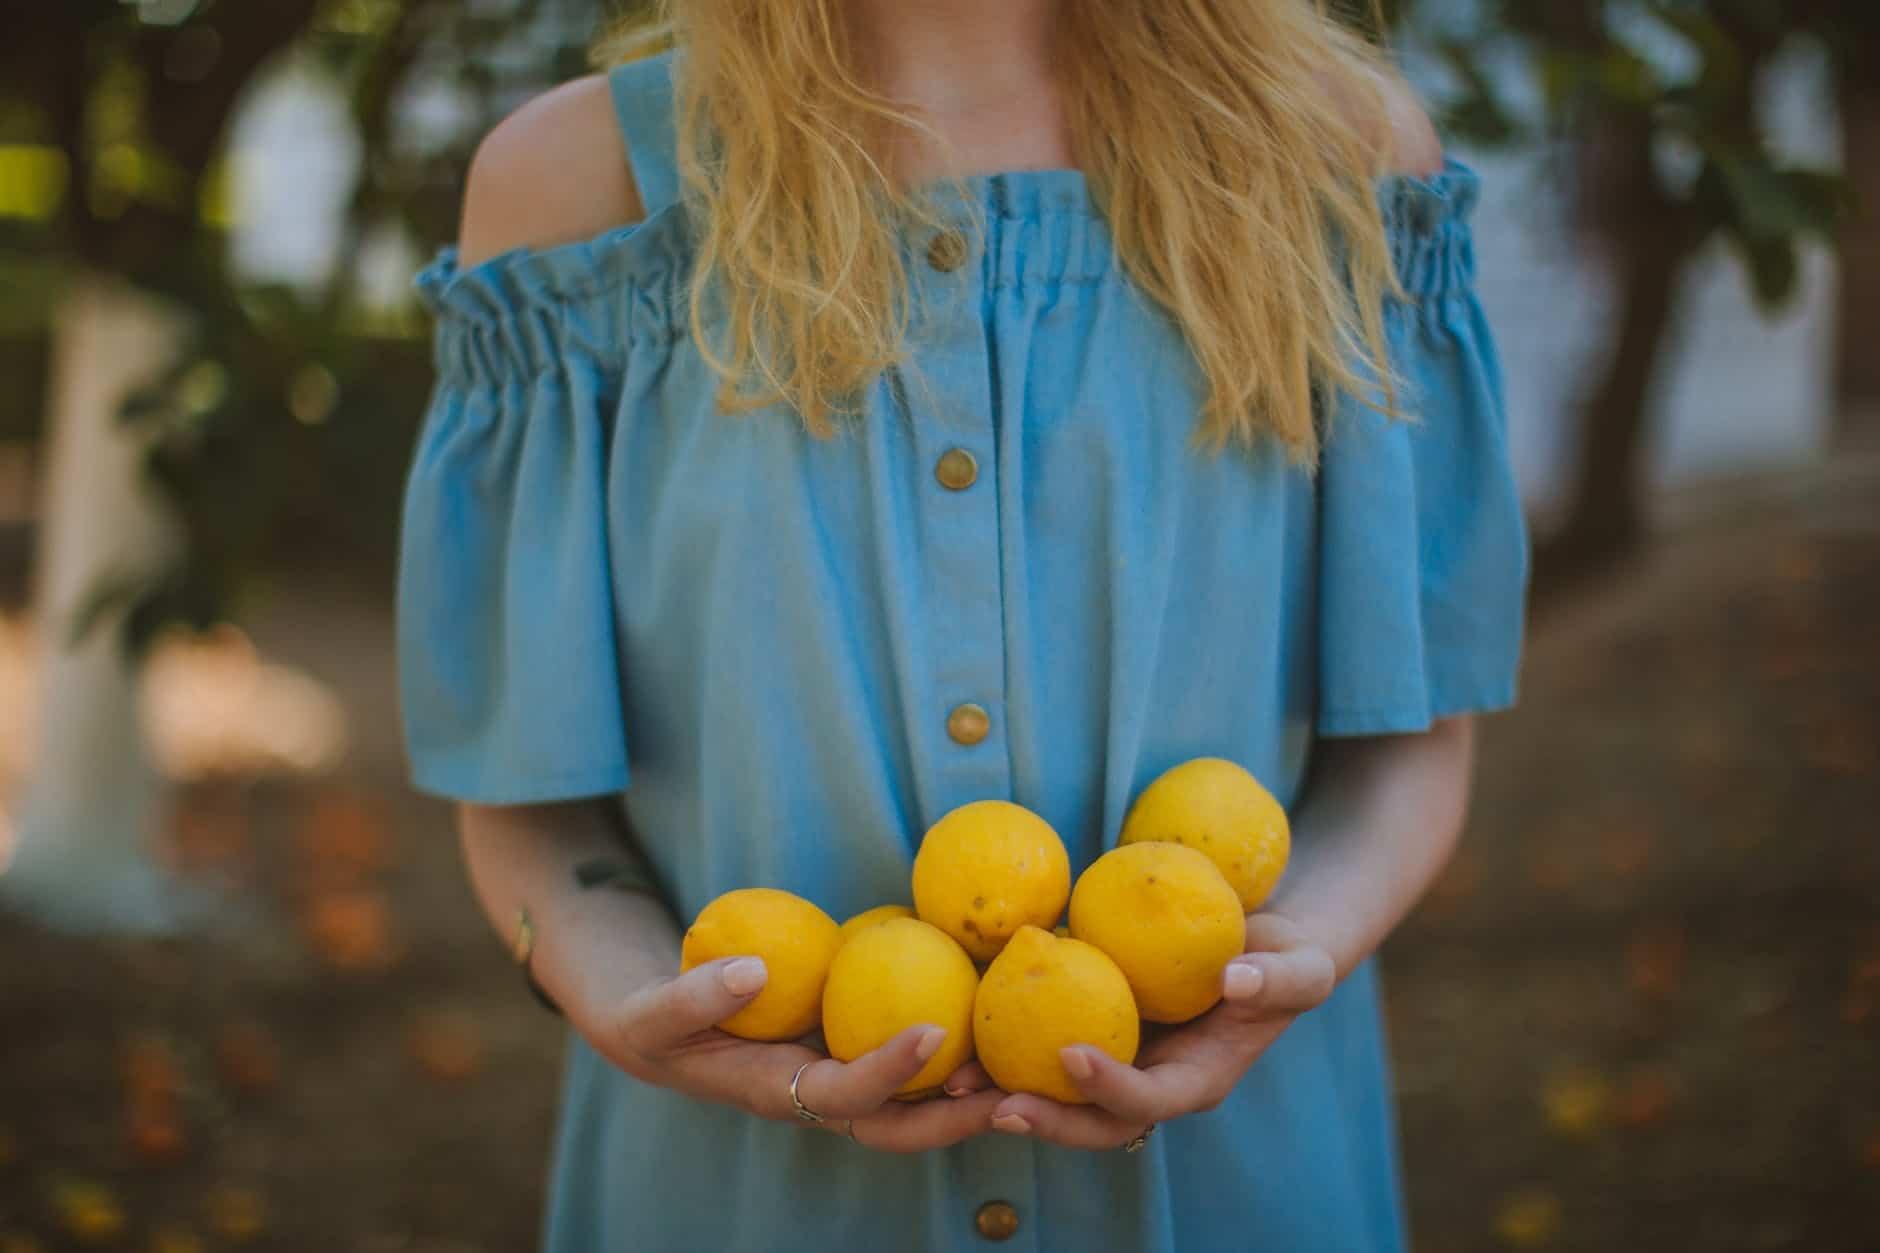 bienfaits du citron routine beauté automne